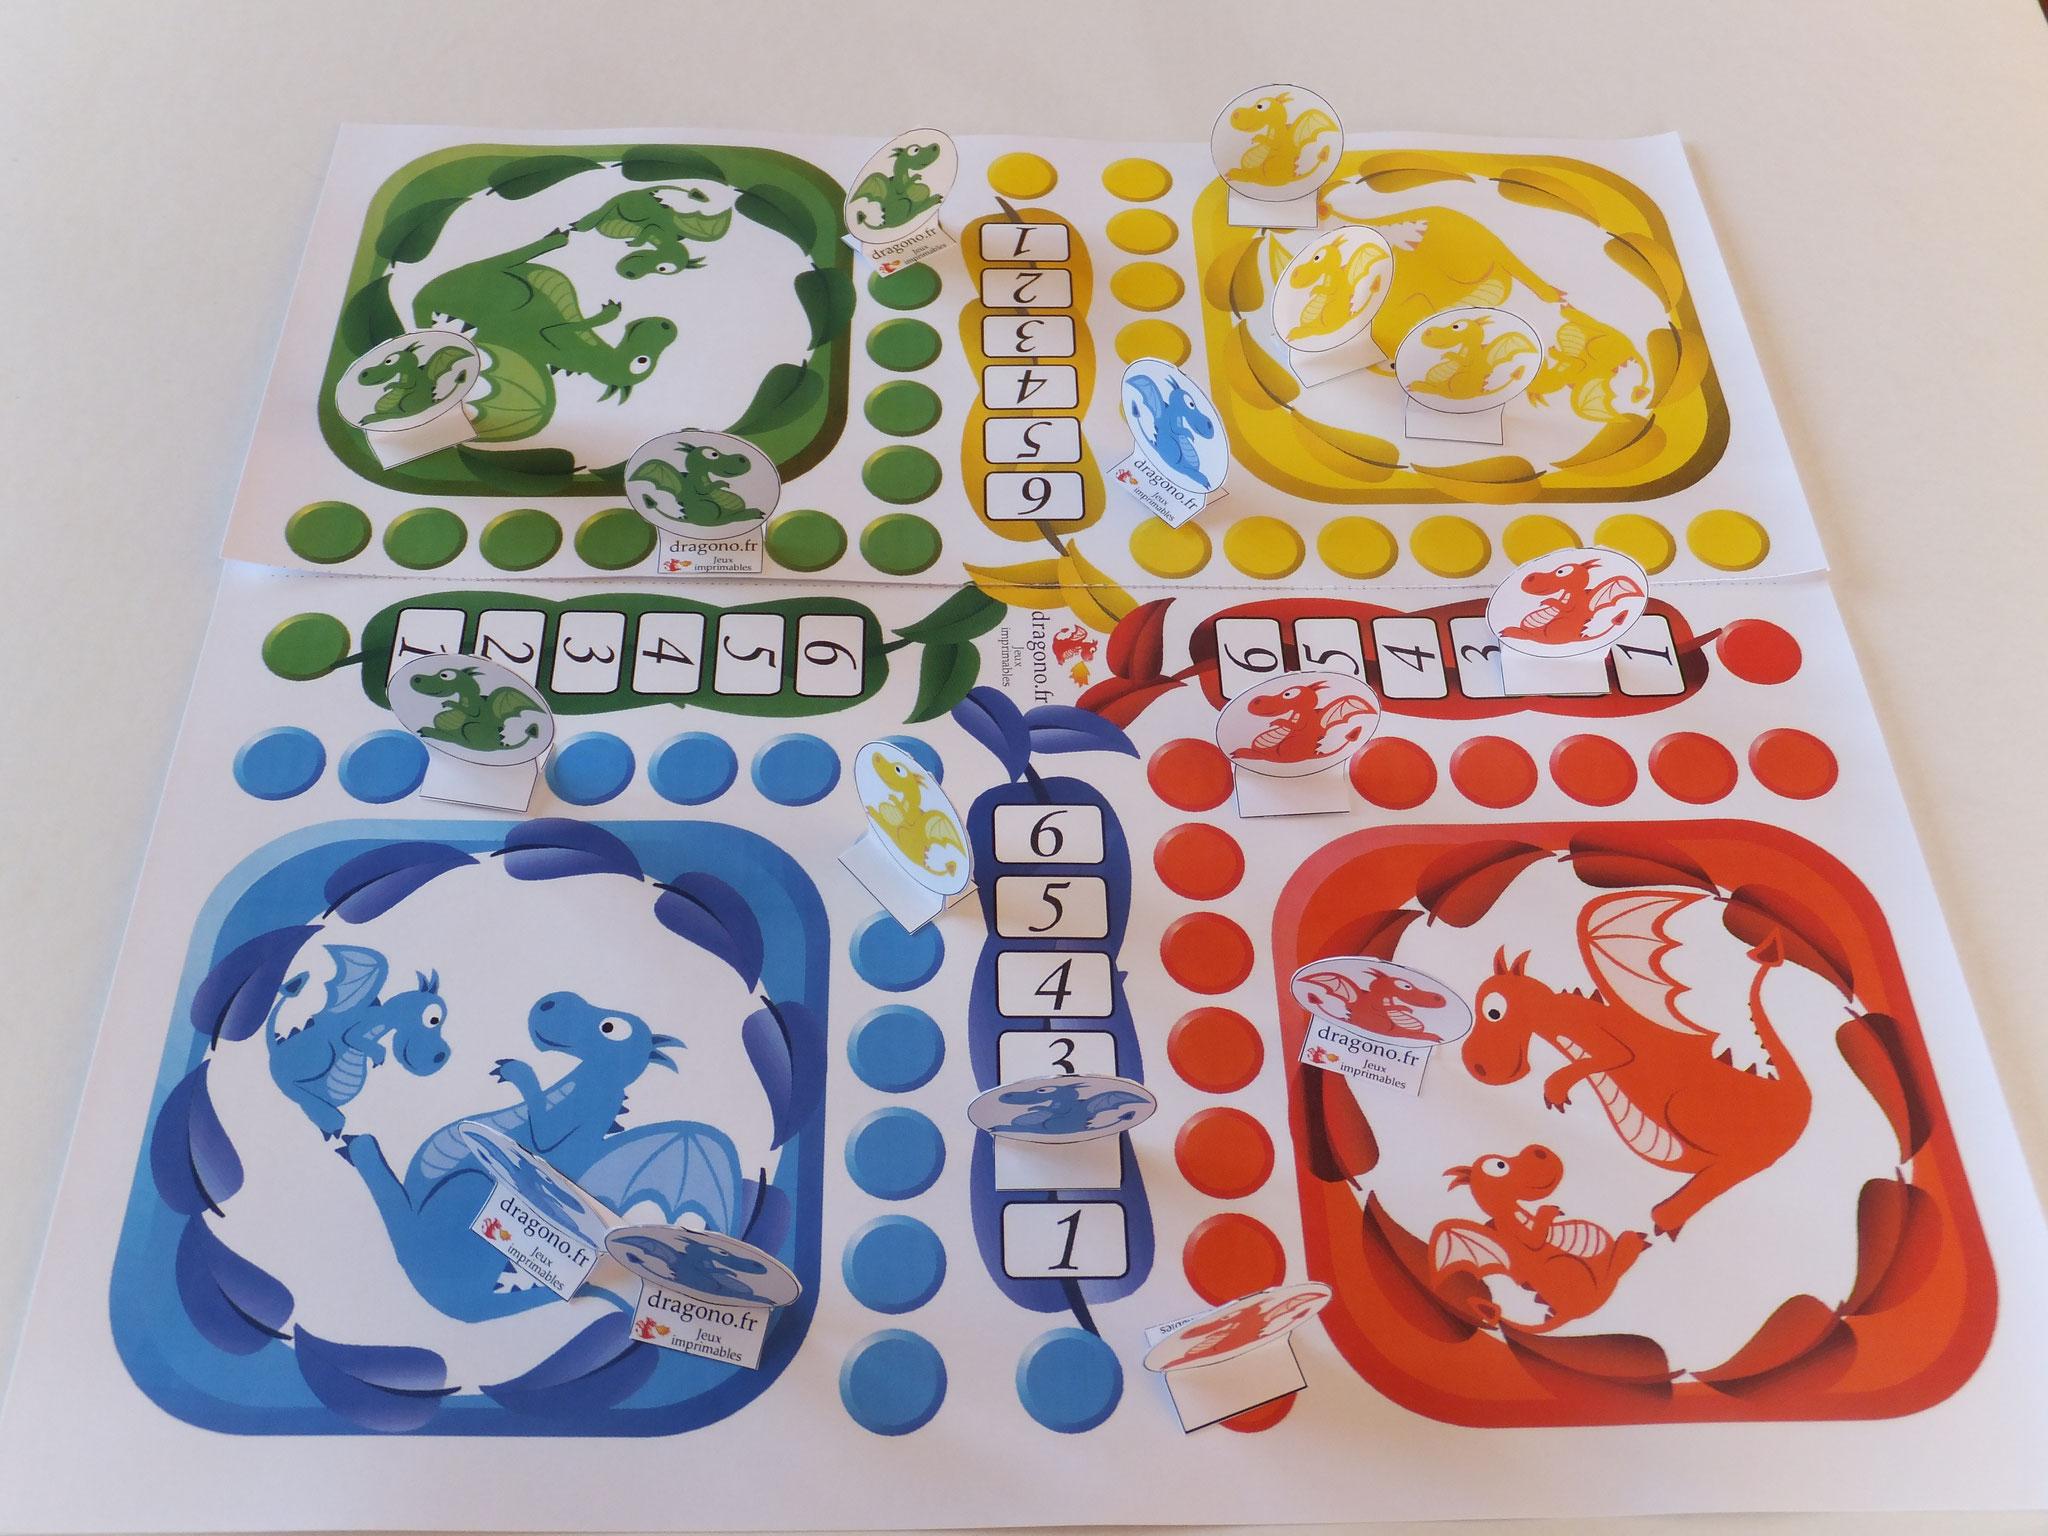 Jeux A Imprimer Pour Enfants, Famille, Ludiques, Éducatifs encequiconcerne Jeu Gratuit Enfant 7 Ans